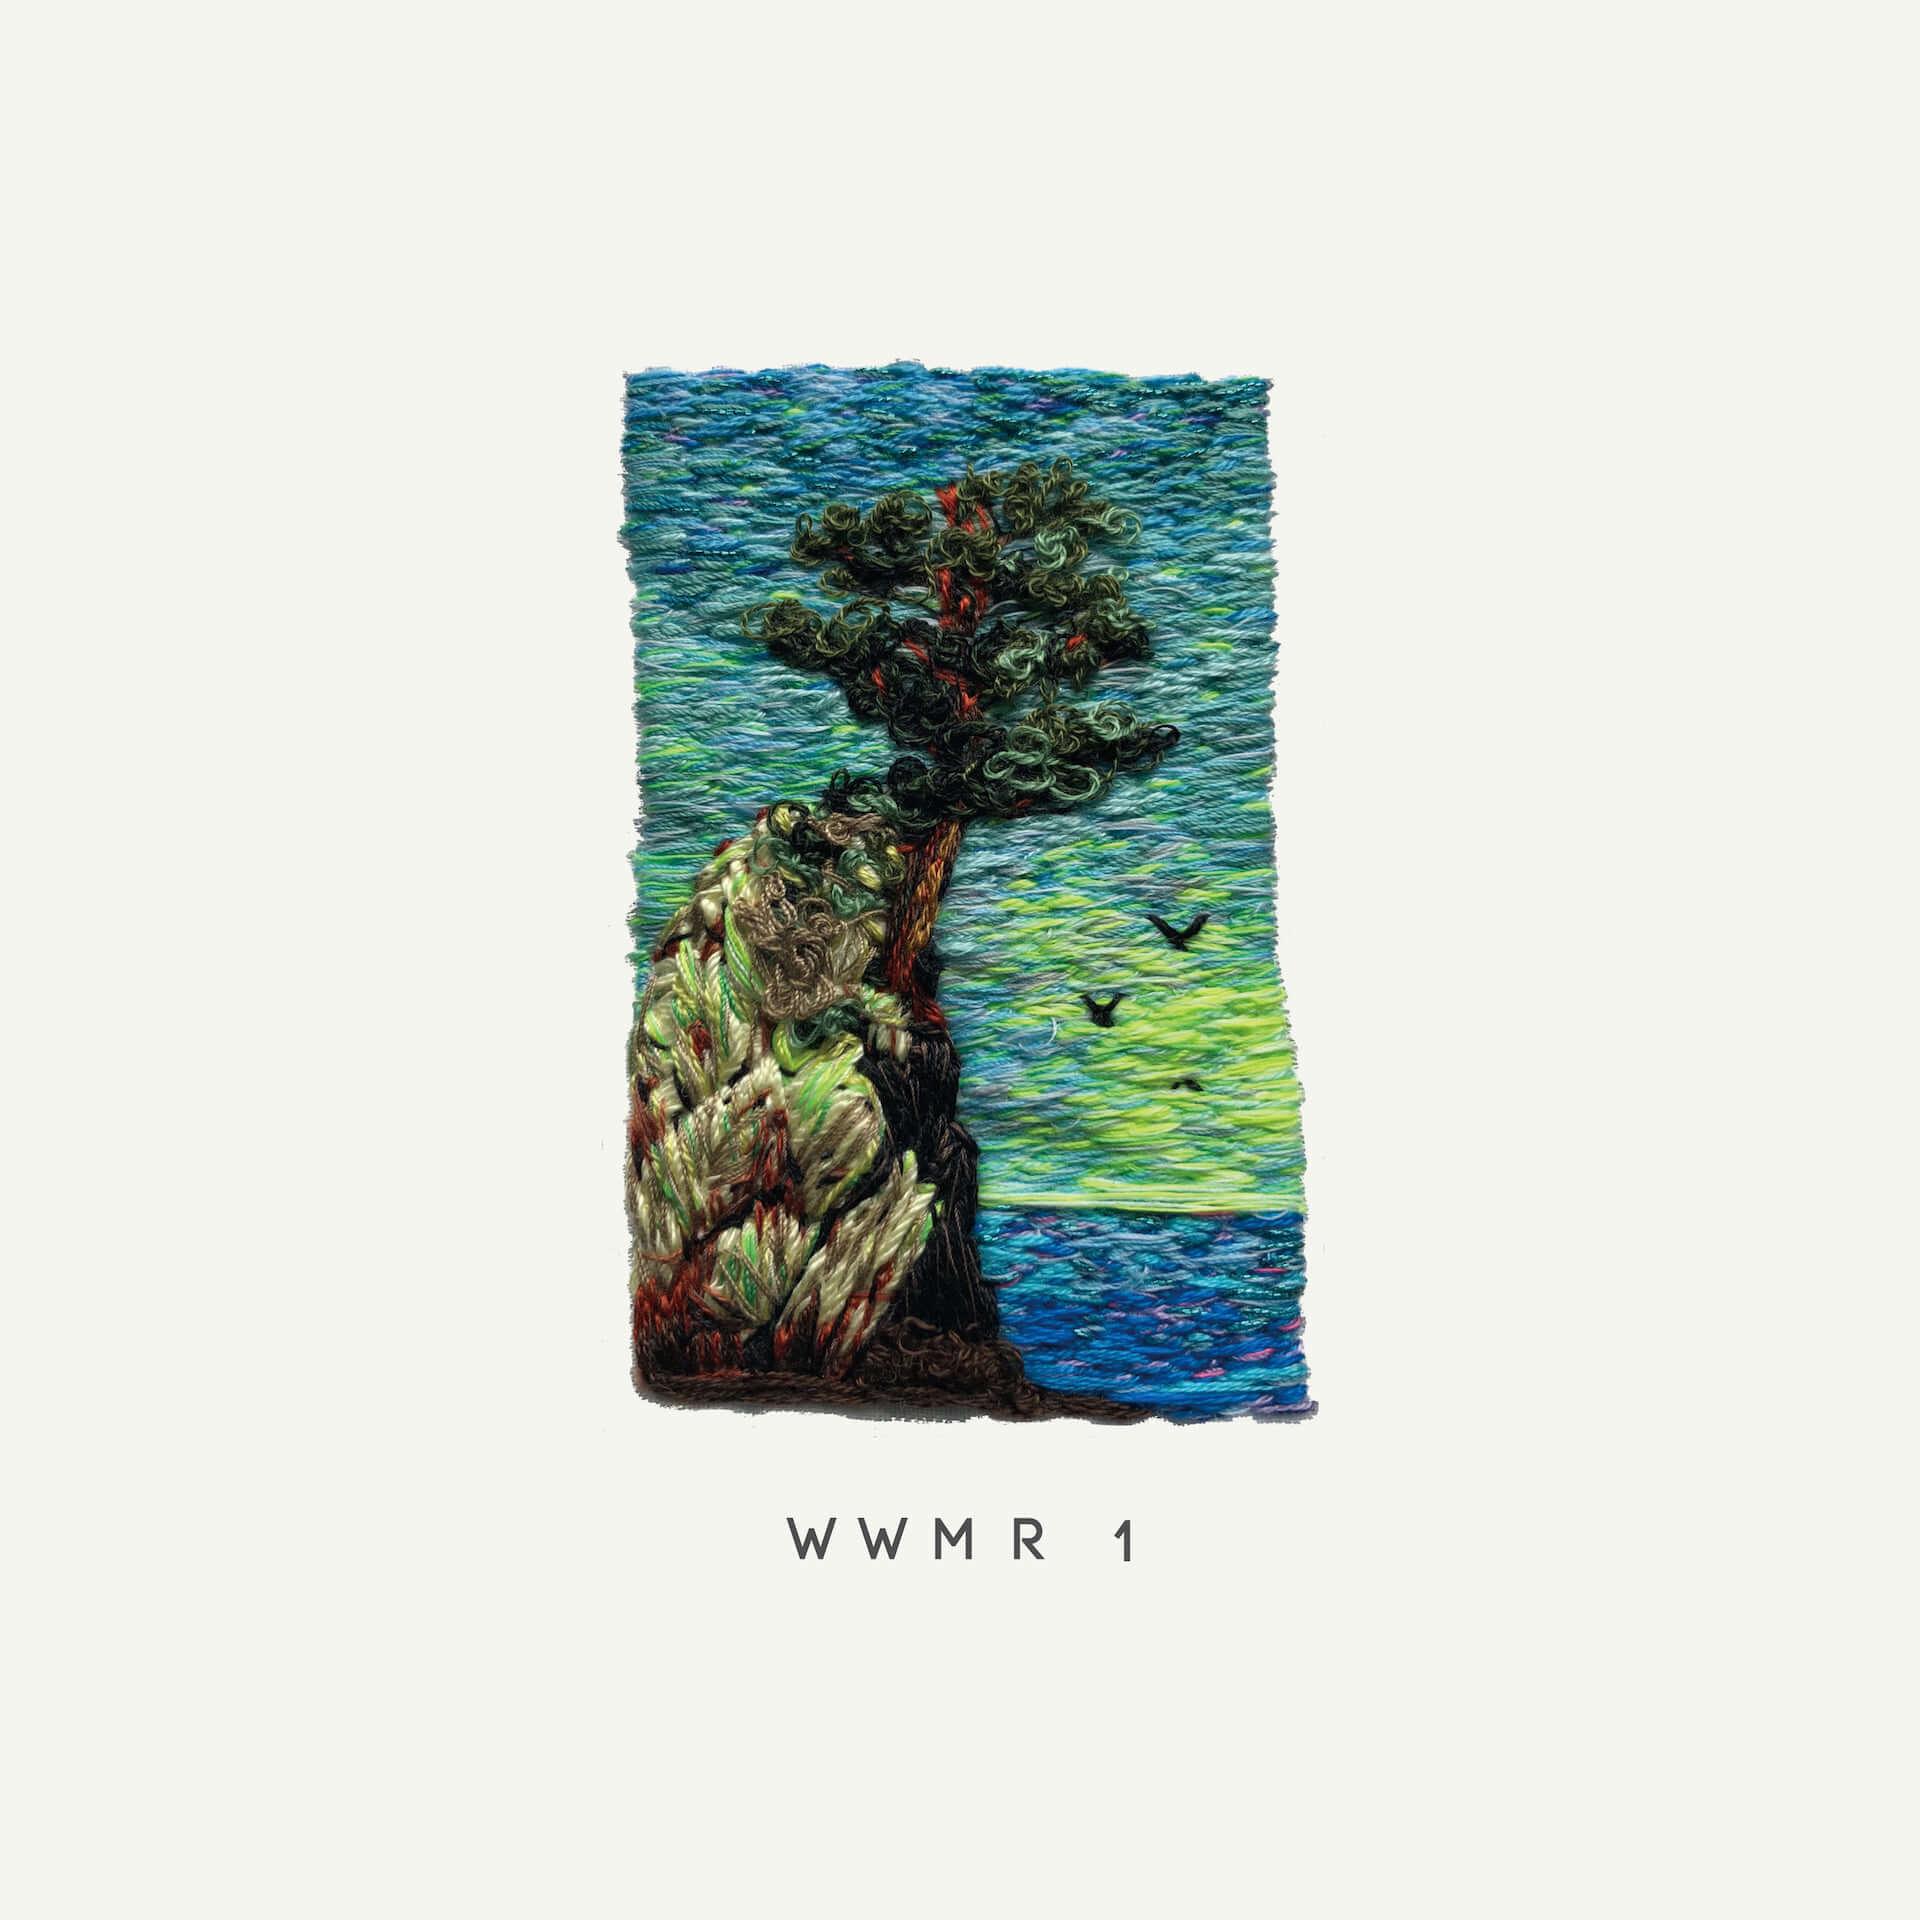 大阪の兄妹ユニット・wai wai music resortの1st EP『WWMR 1』がレコード化!リミックスも収録されたリマスター版が〈Sailyard〉よりリリース決定 music201130_wwmr_1-1920x1920